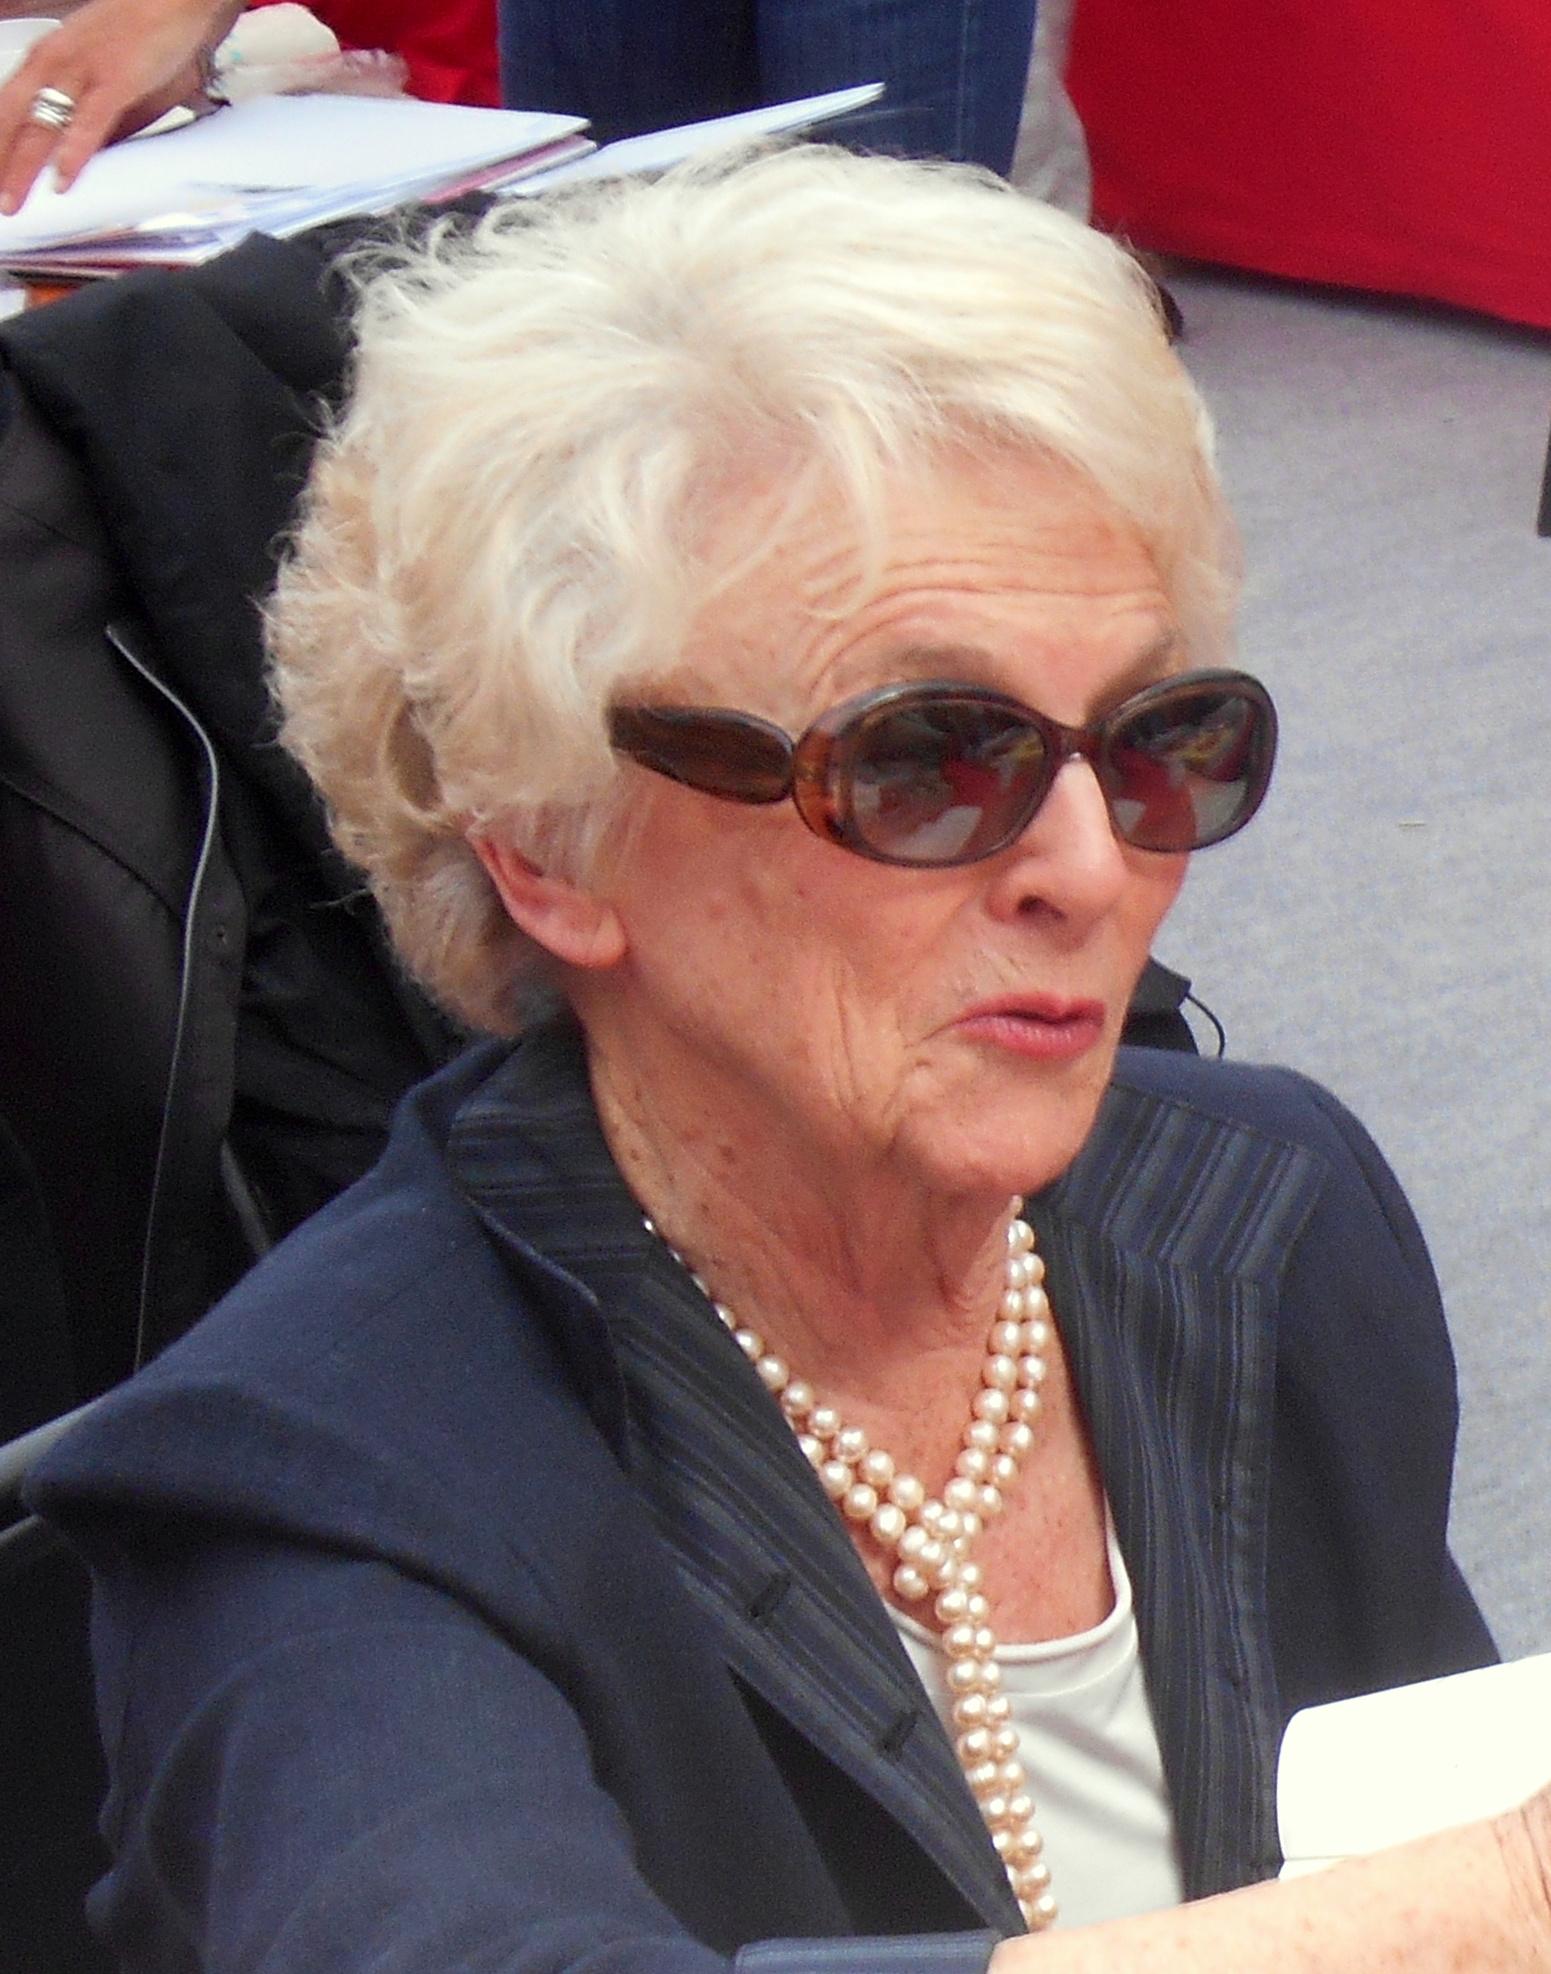 Mona Ozouf